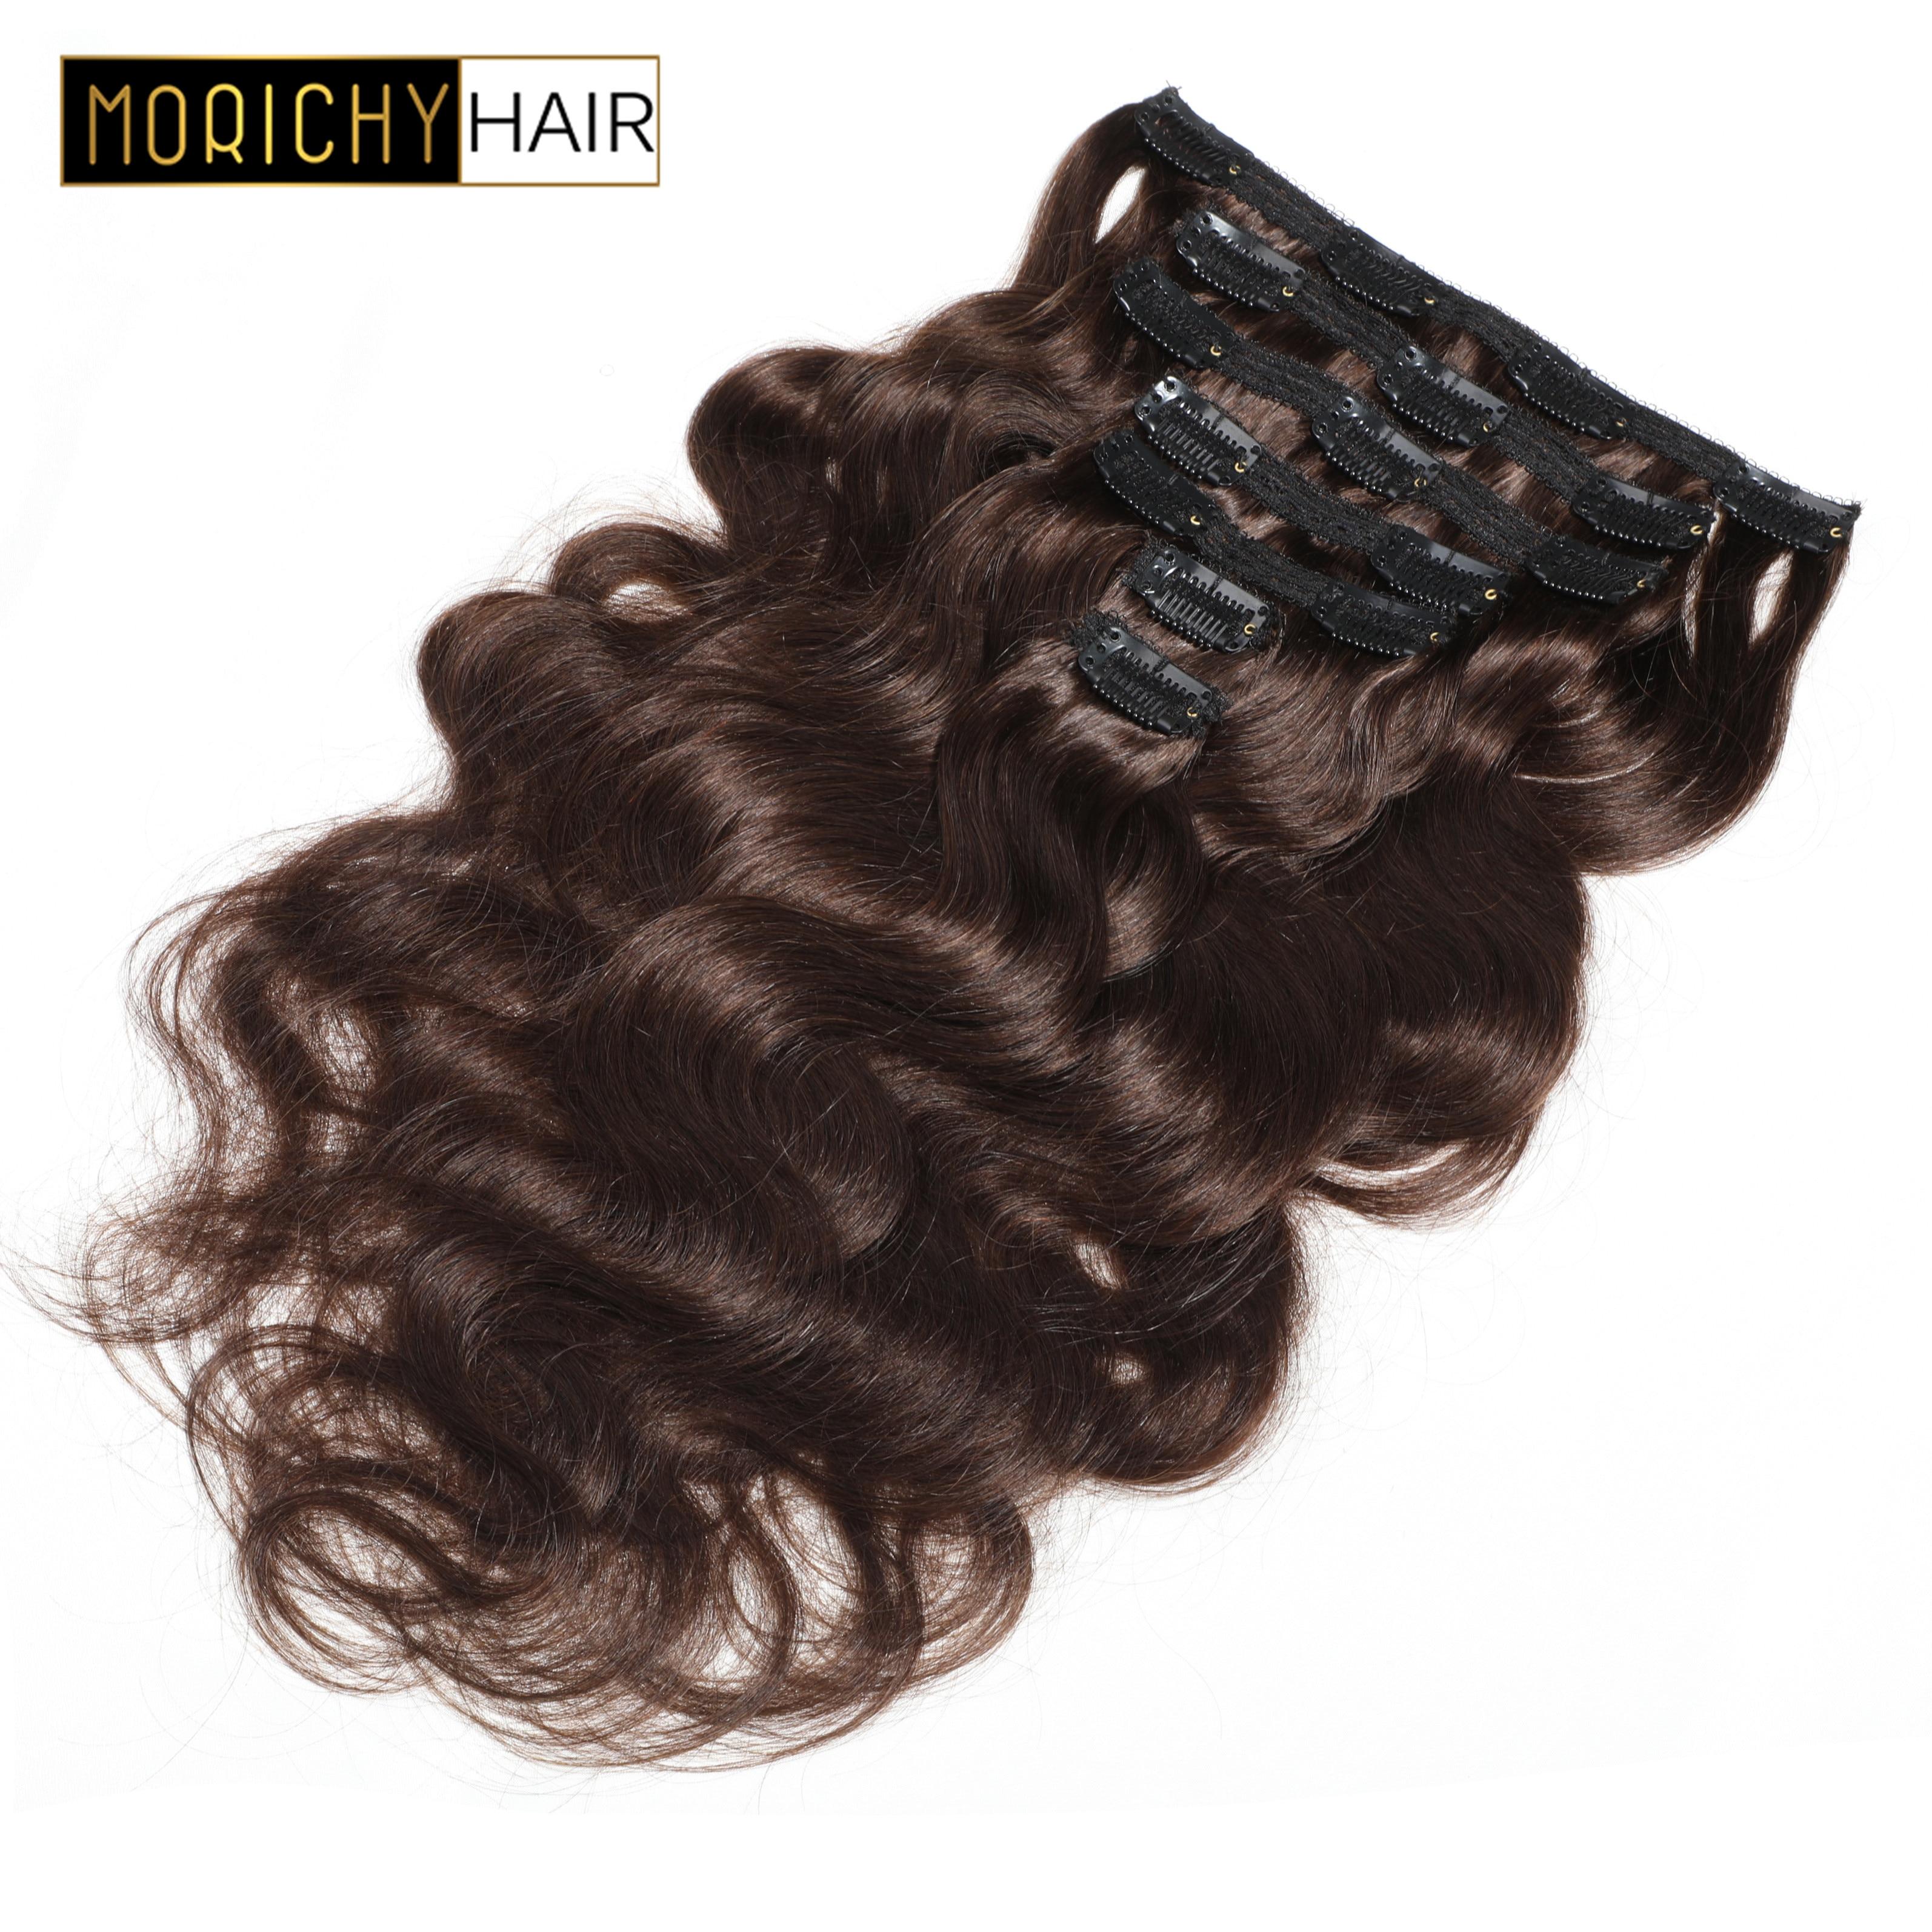 Morichy indien corps vague Clip dans les Extensions de cheveux humains Non Remy cheveux #1 #2 # 1B couleur pleine tête 7 pièces/ensemble livraison gratuite